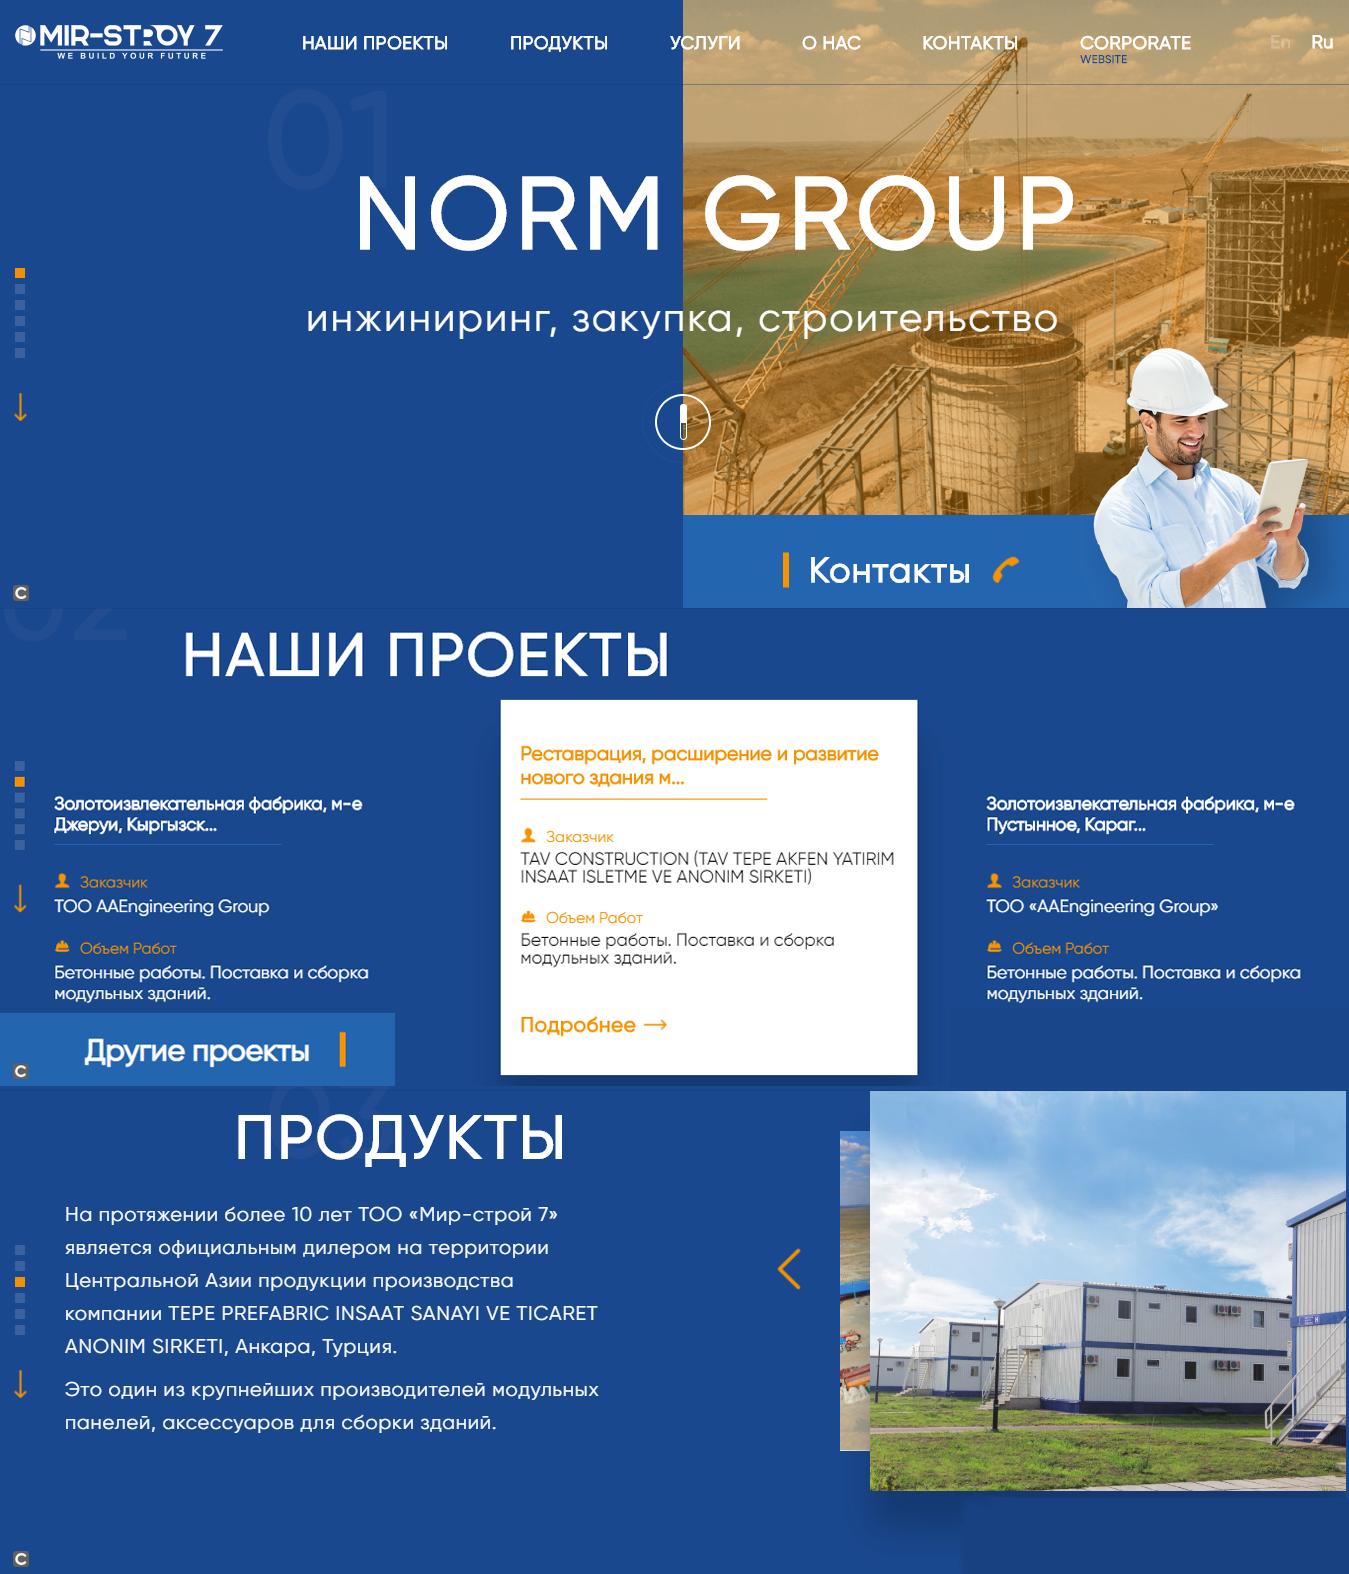 Разработка корпоративного сайта для строительной компании Mirstroy